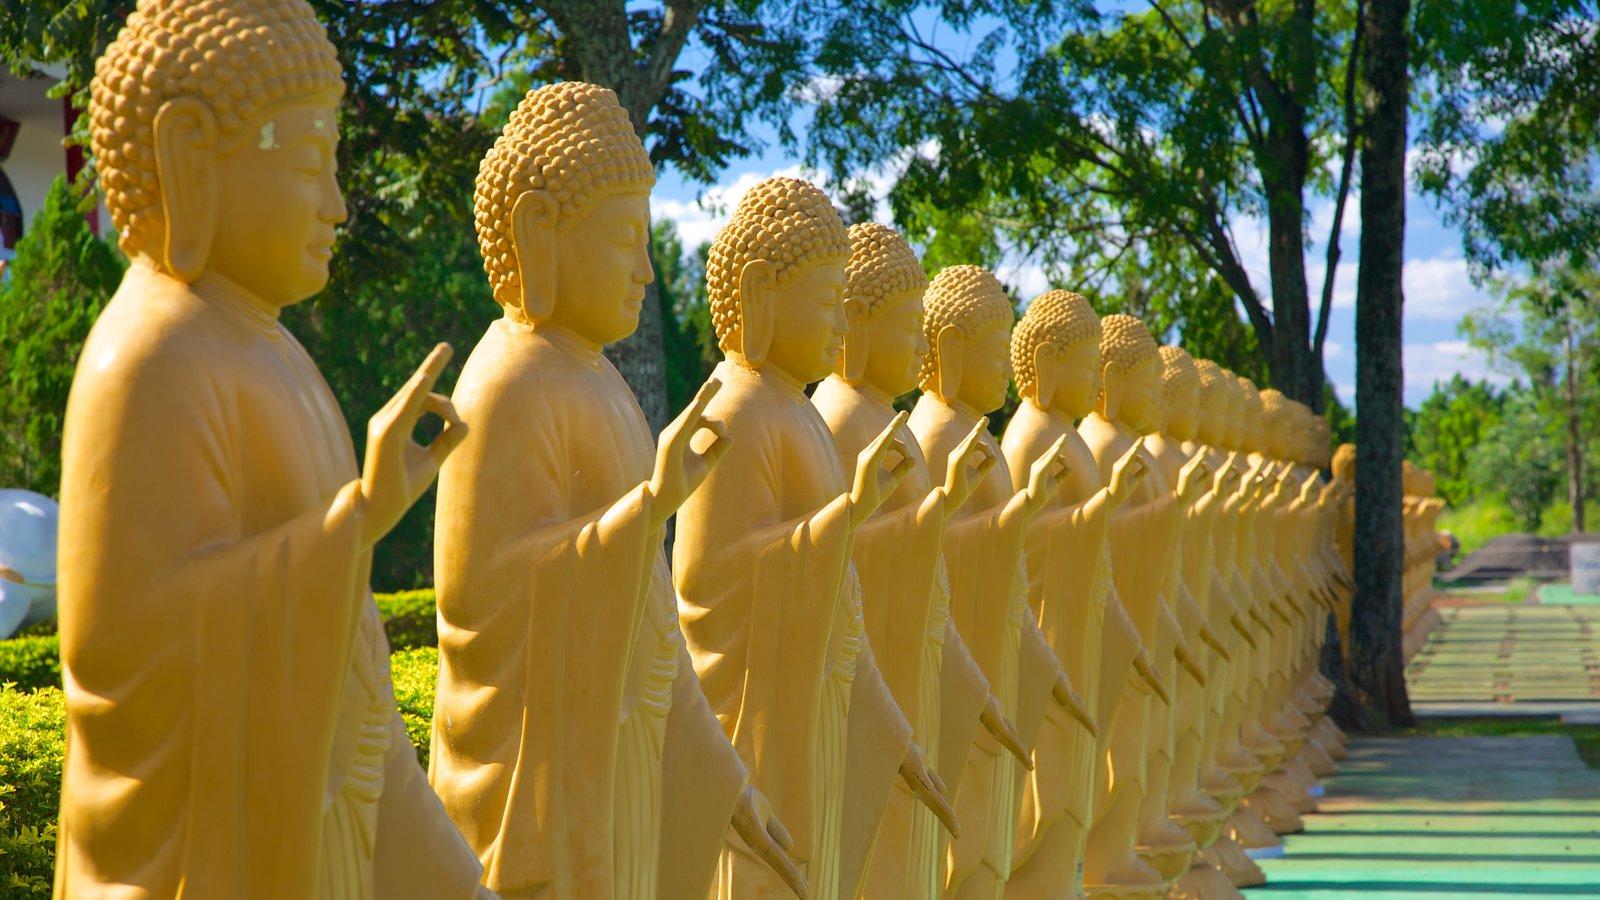 Templo Budista caracterizando um templo ou local de adoração e aspectos religiosos